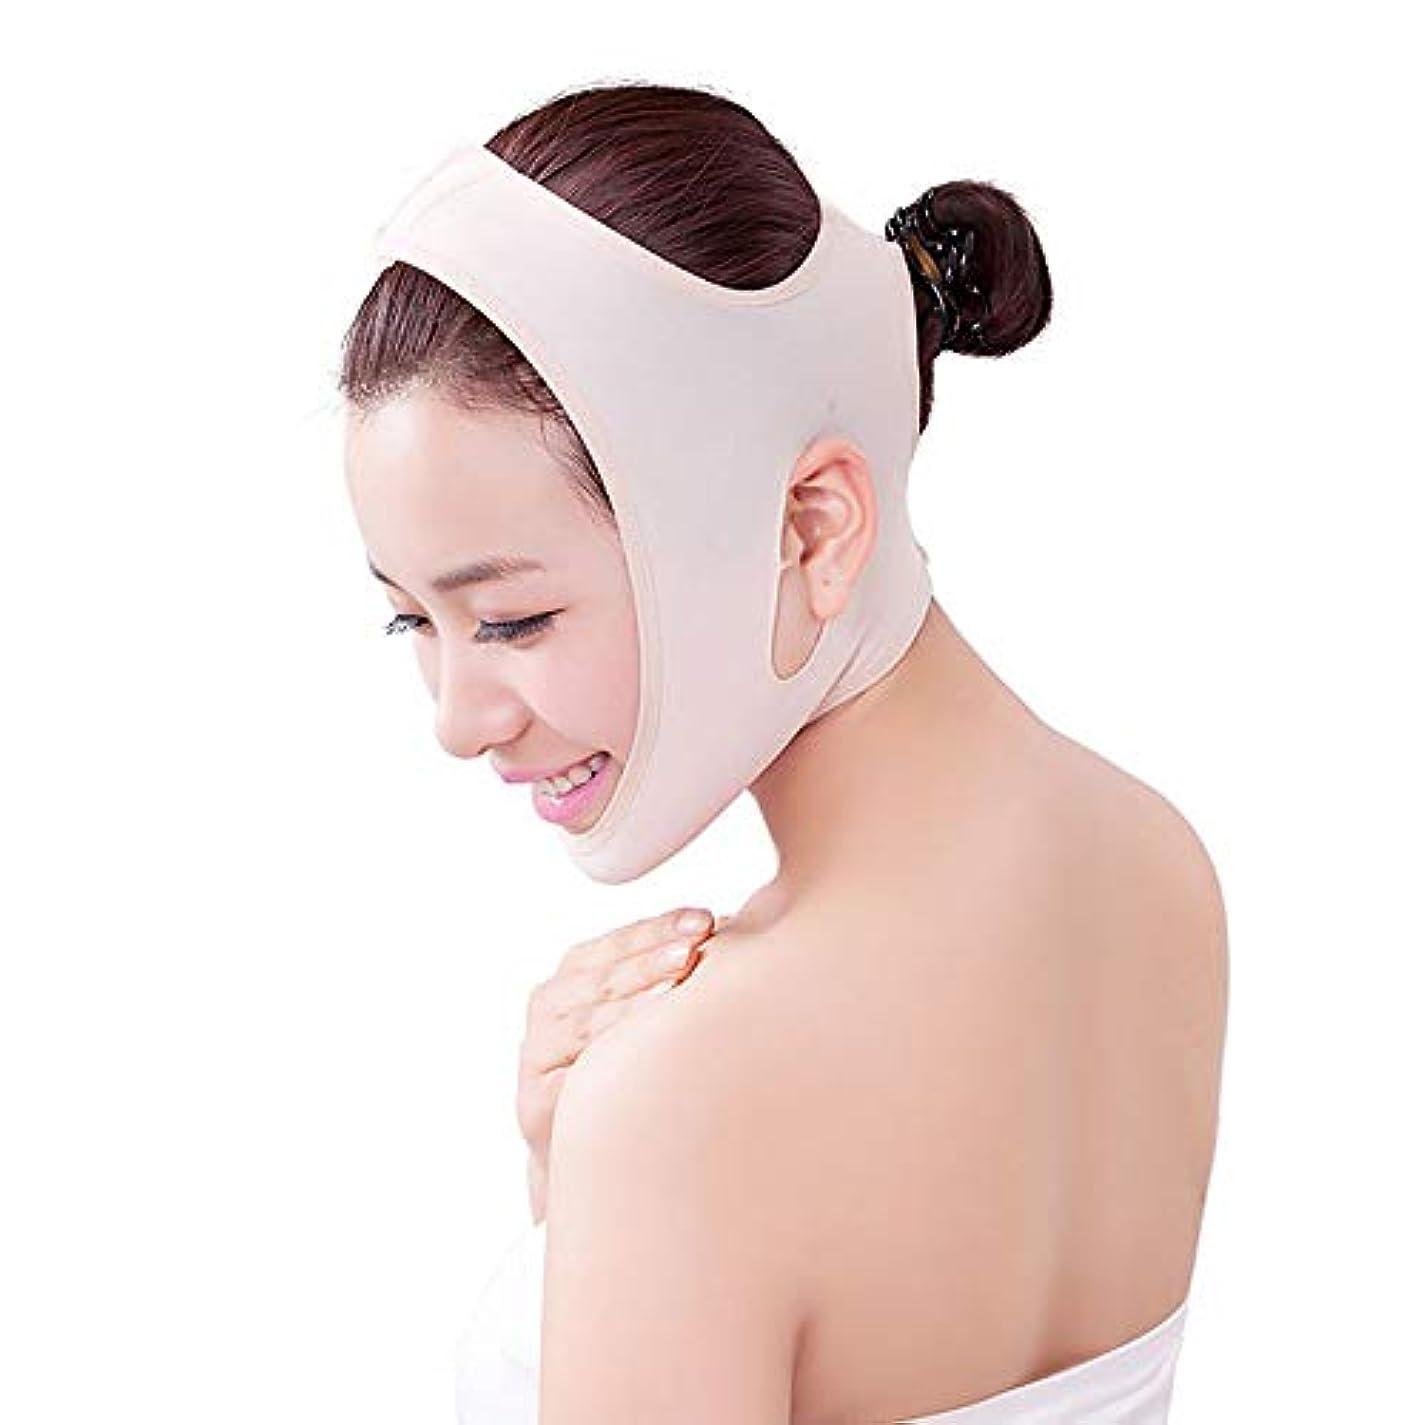 甘美な押し下げる二年生フェイスリフティング包帯、ダブルチンリフト、法律、男性用および女性用マスクへの固着、vフェイスマスク,XL